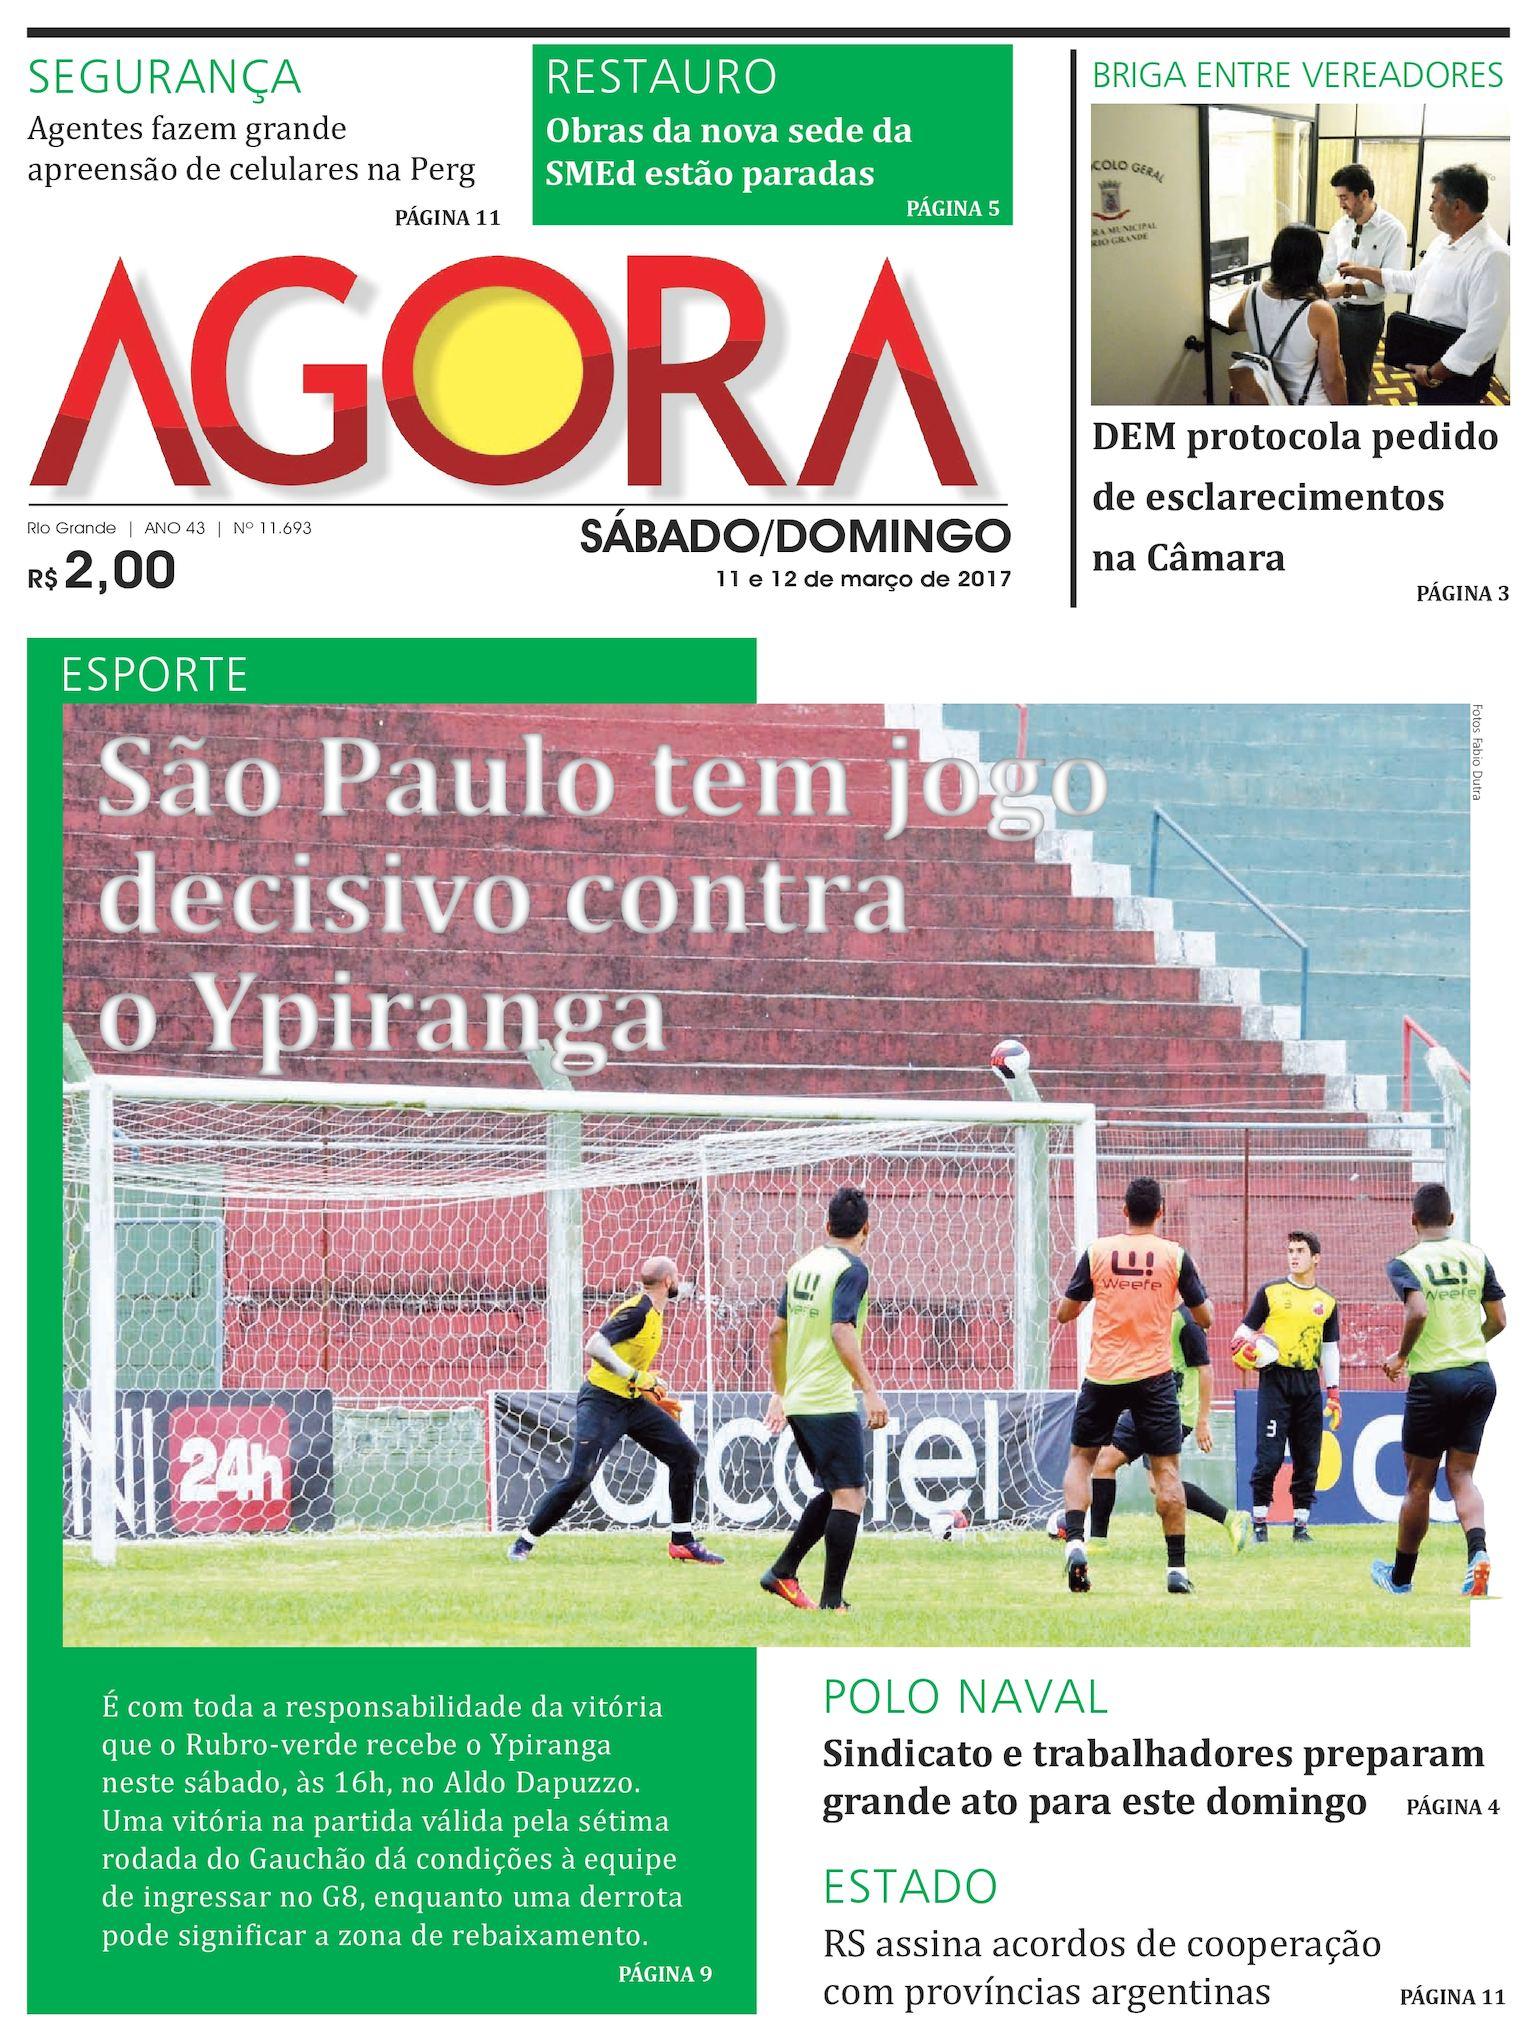 91c278a6b Calaméo - Jornal Agora - Edição 11693 - 11 e 12 de Março de 2017